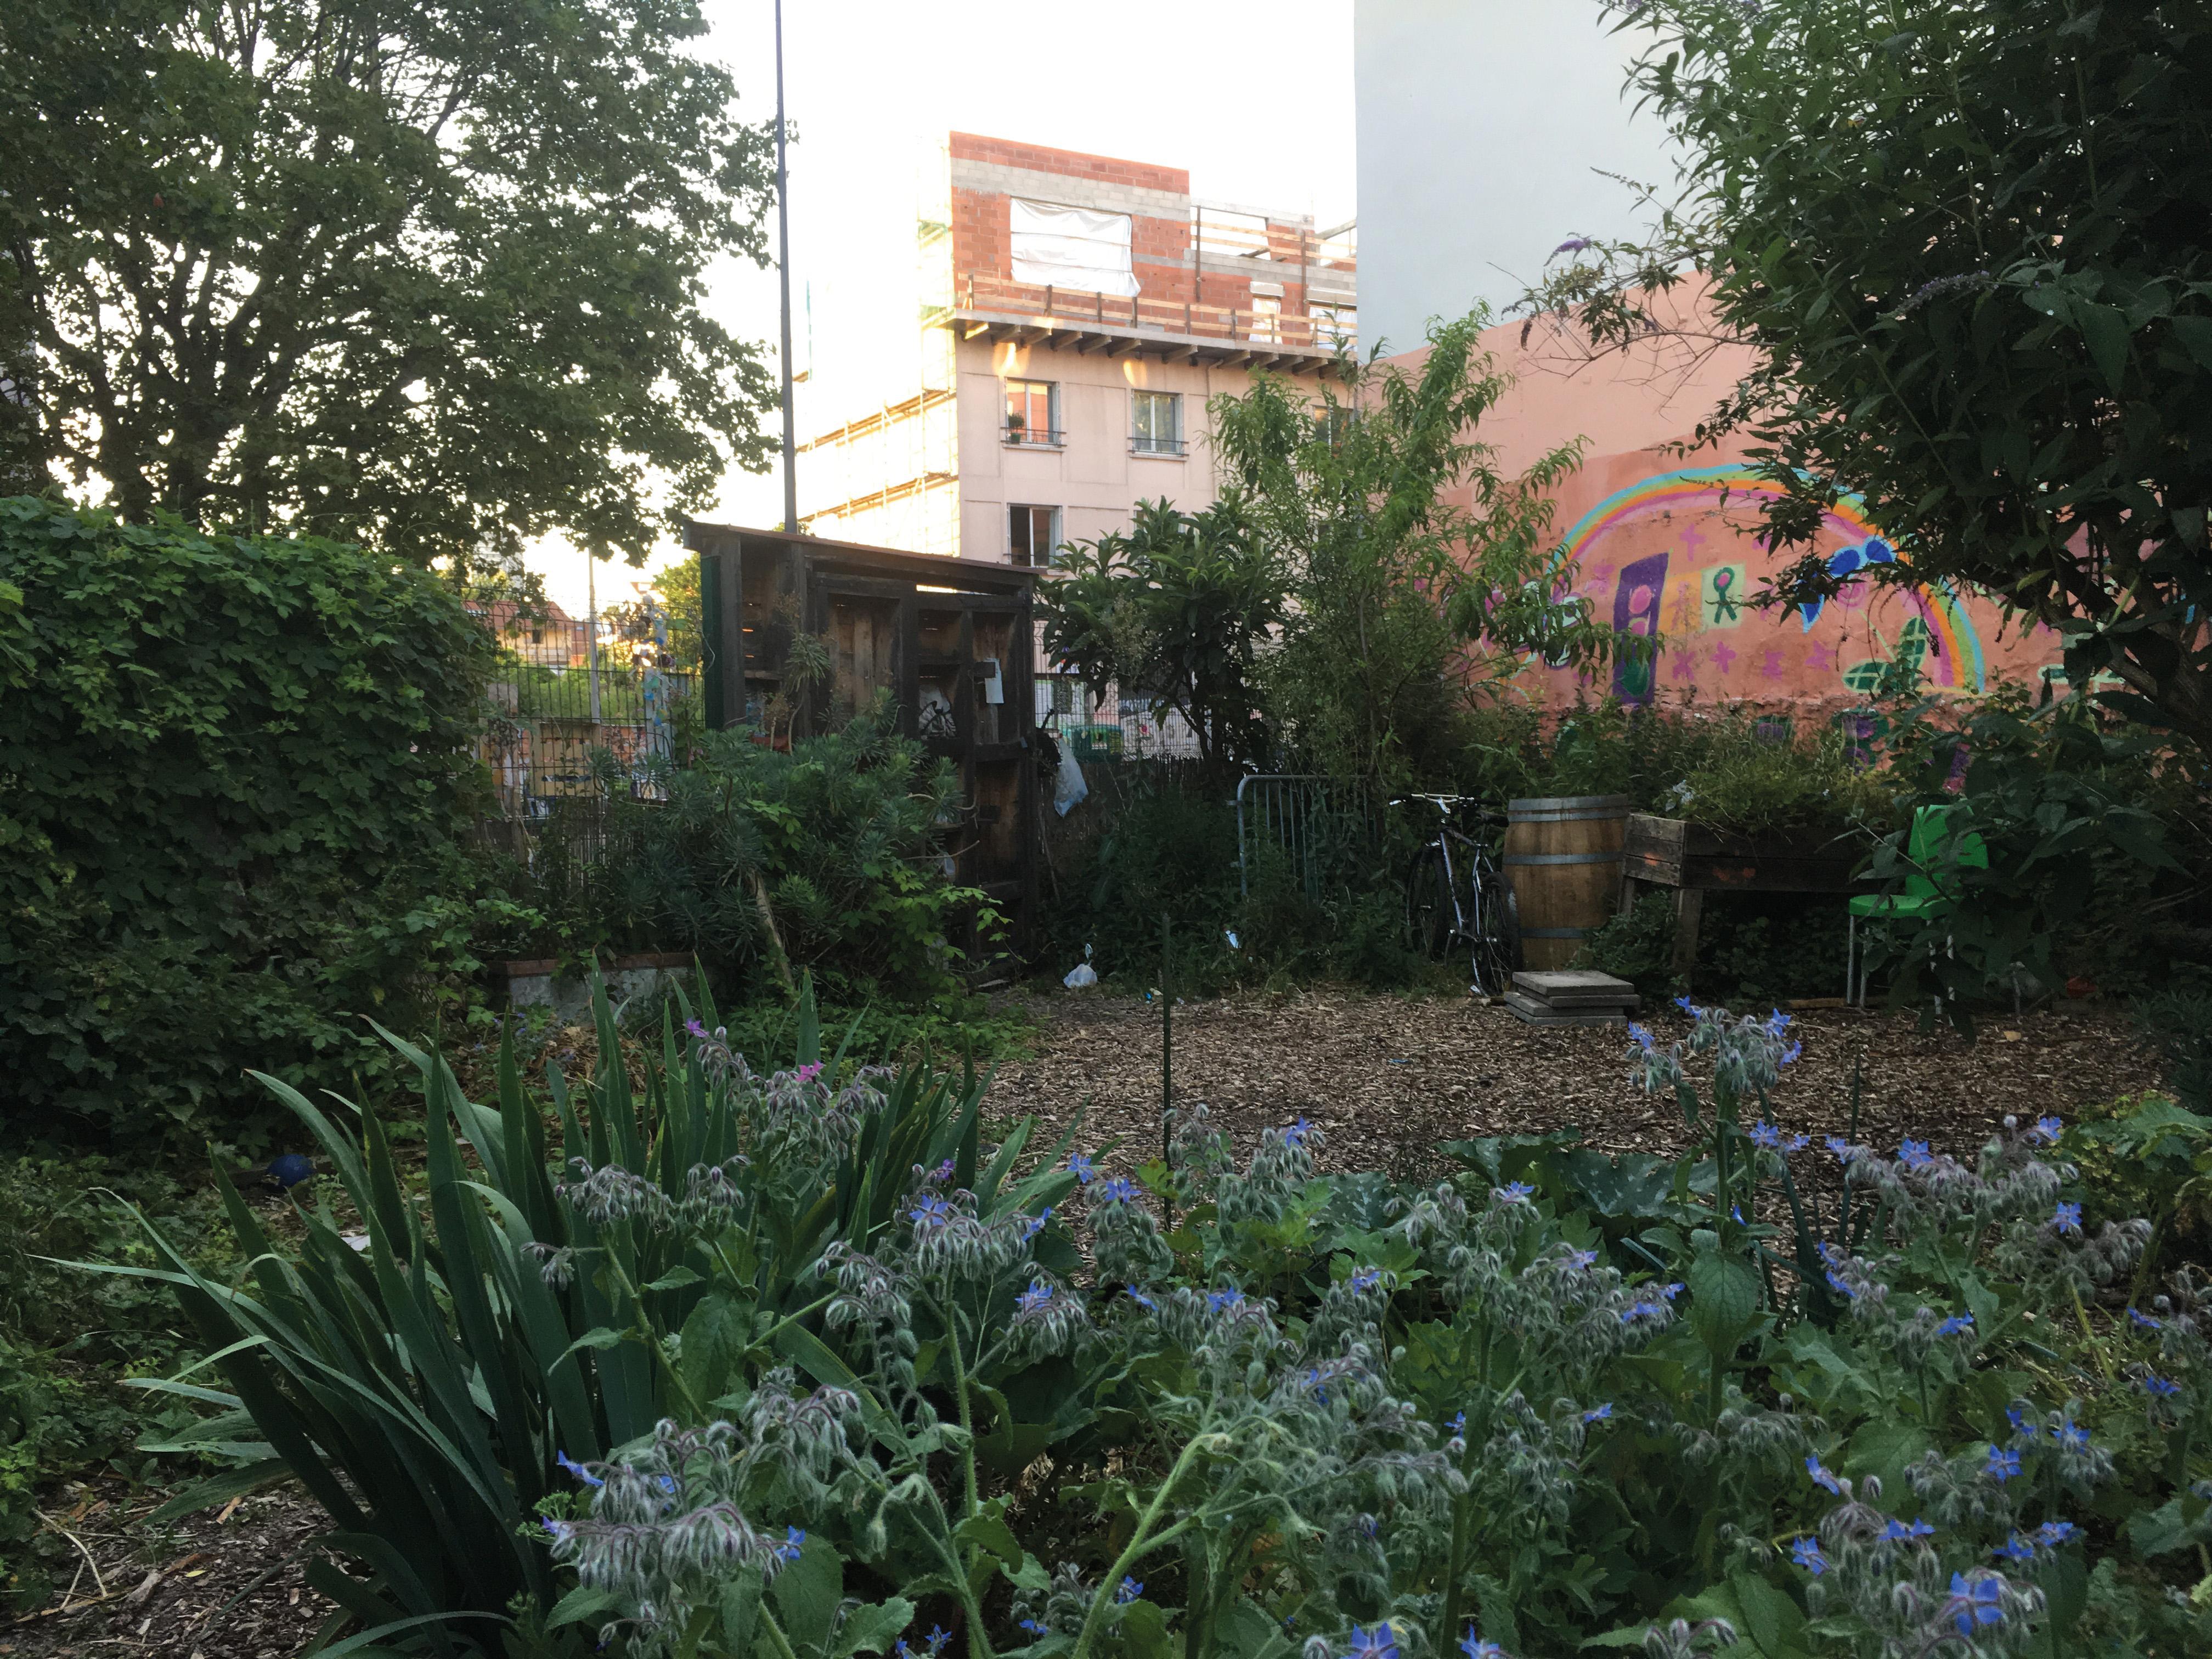 Un jardin urbain associatif à Bagnolet (93) : massifs fleuris et productions alimentaires. La ville encourage l'établissement d'un lien social